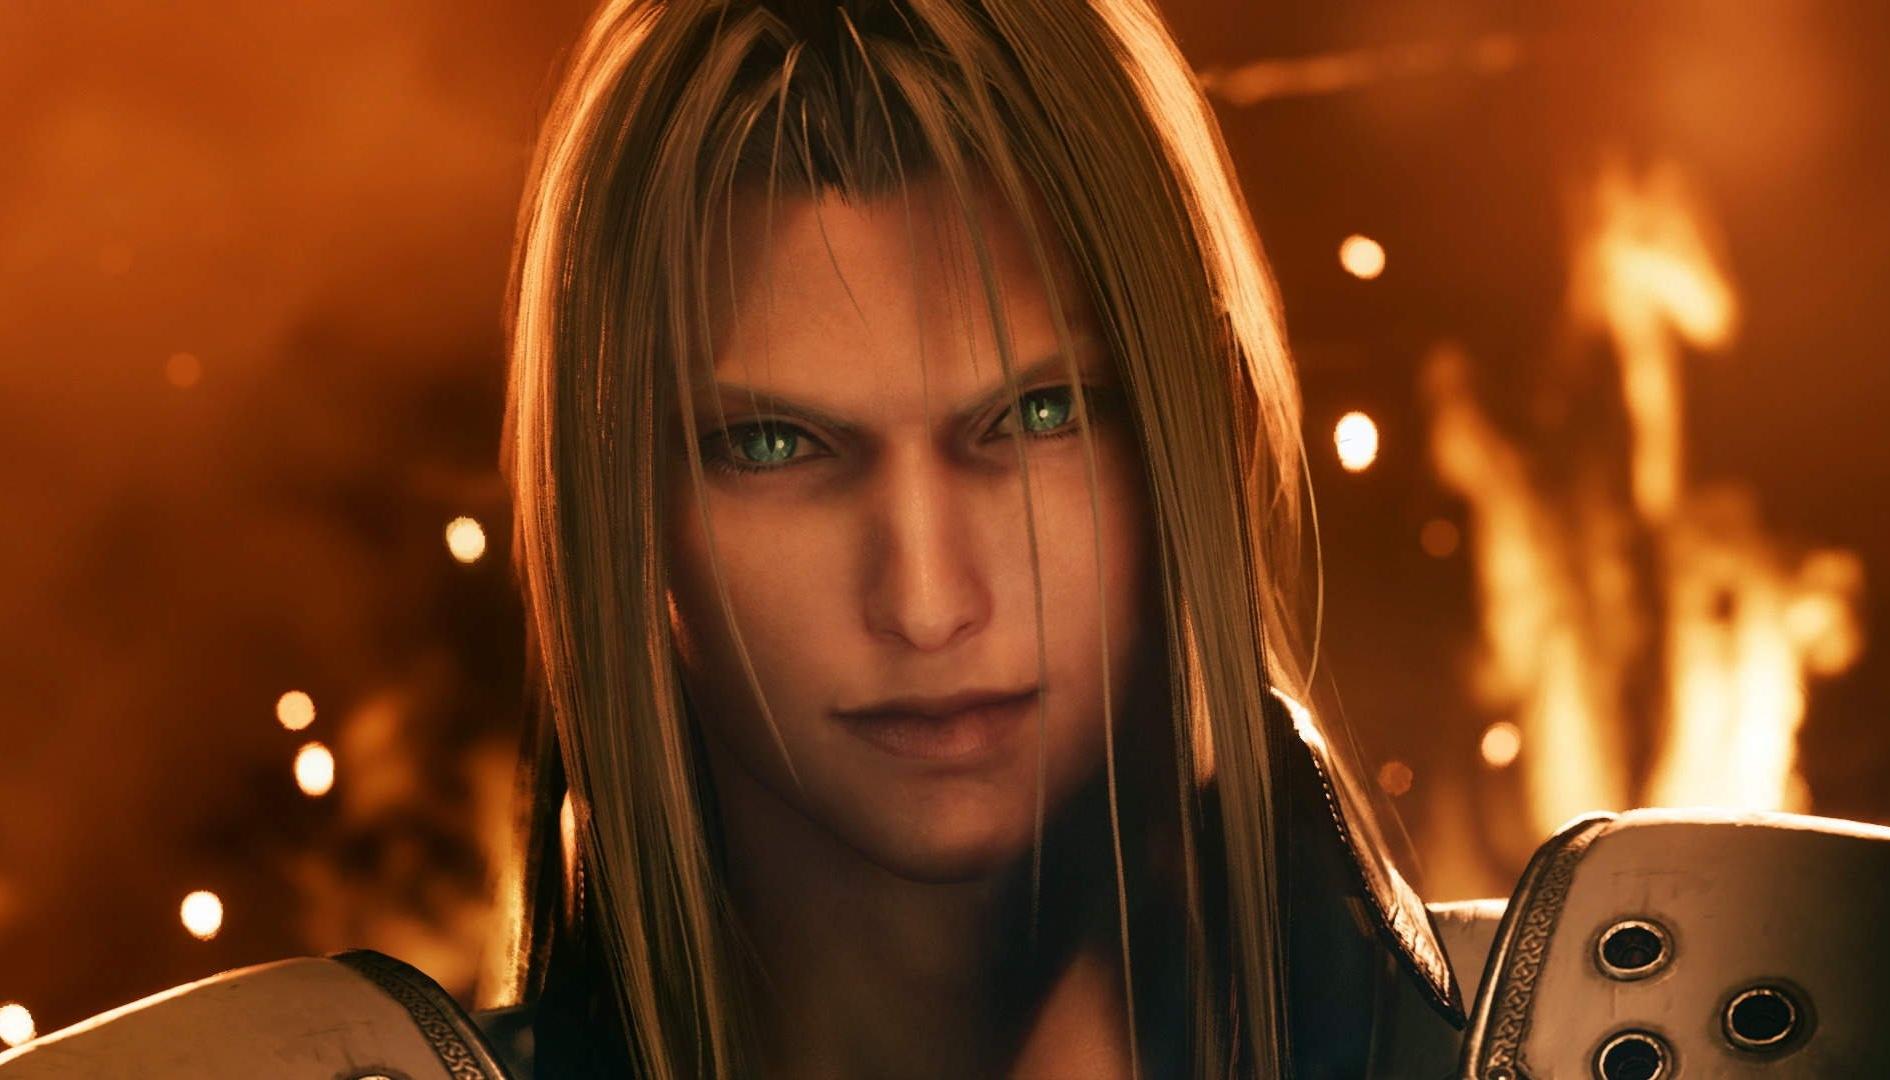 Final Fantasy 7 Remake: allarme Coronavirus, Square Enix cancella un evento